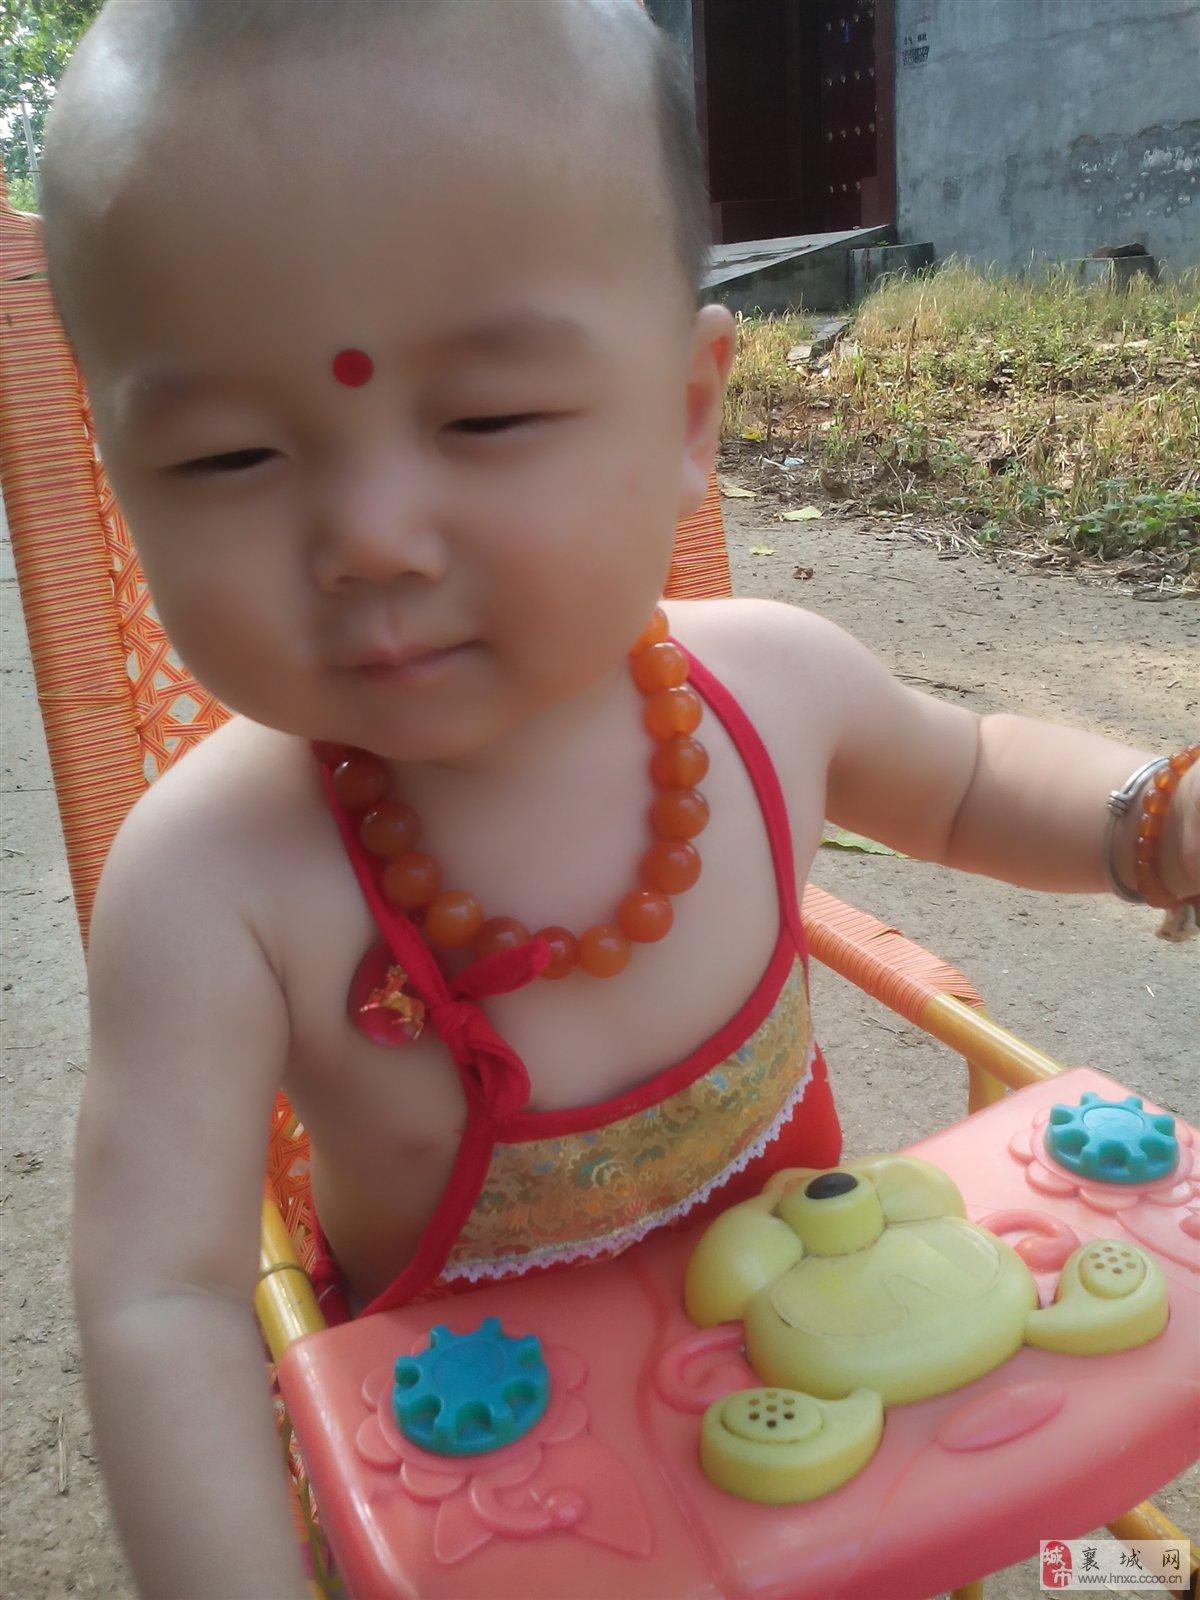 宝宝姓名:叶昊柠 宝宝寄语:好可爱的宝贝